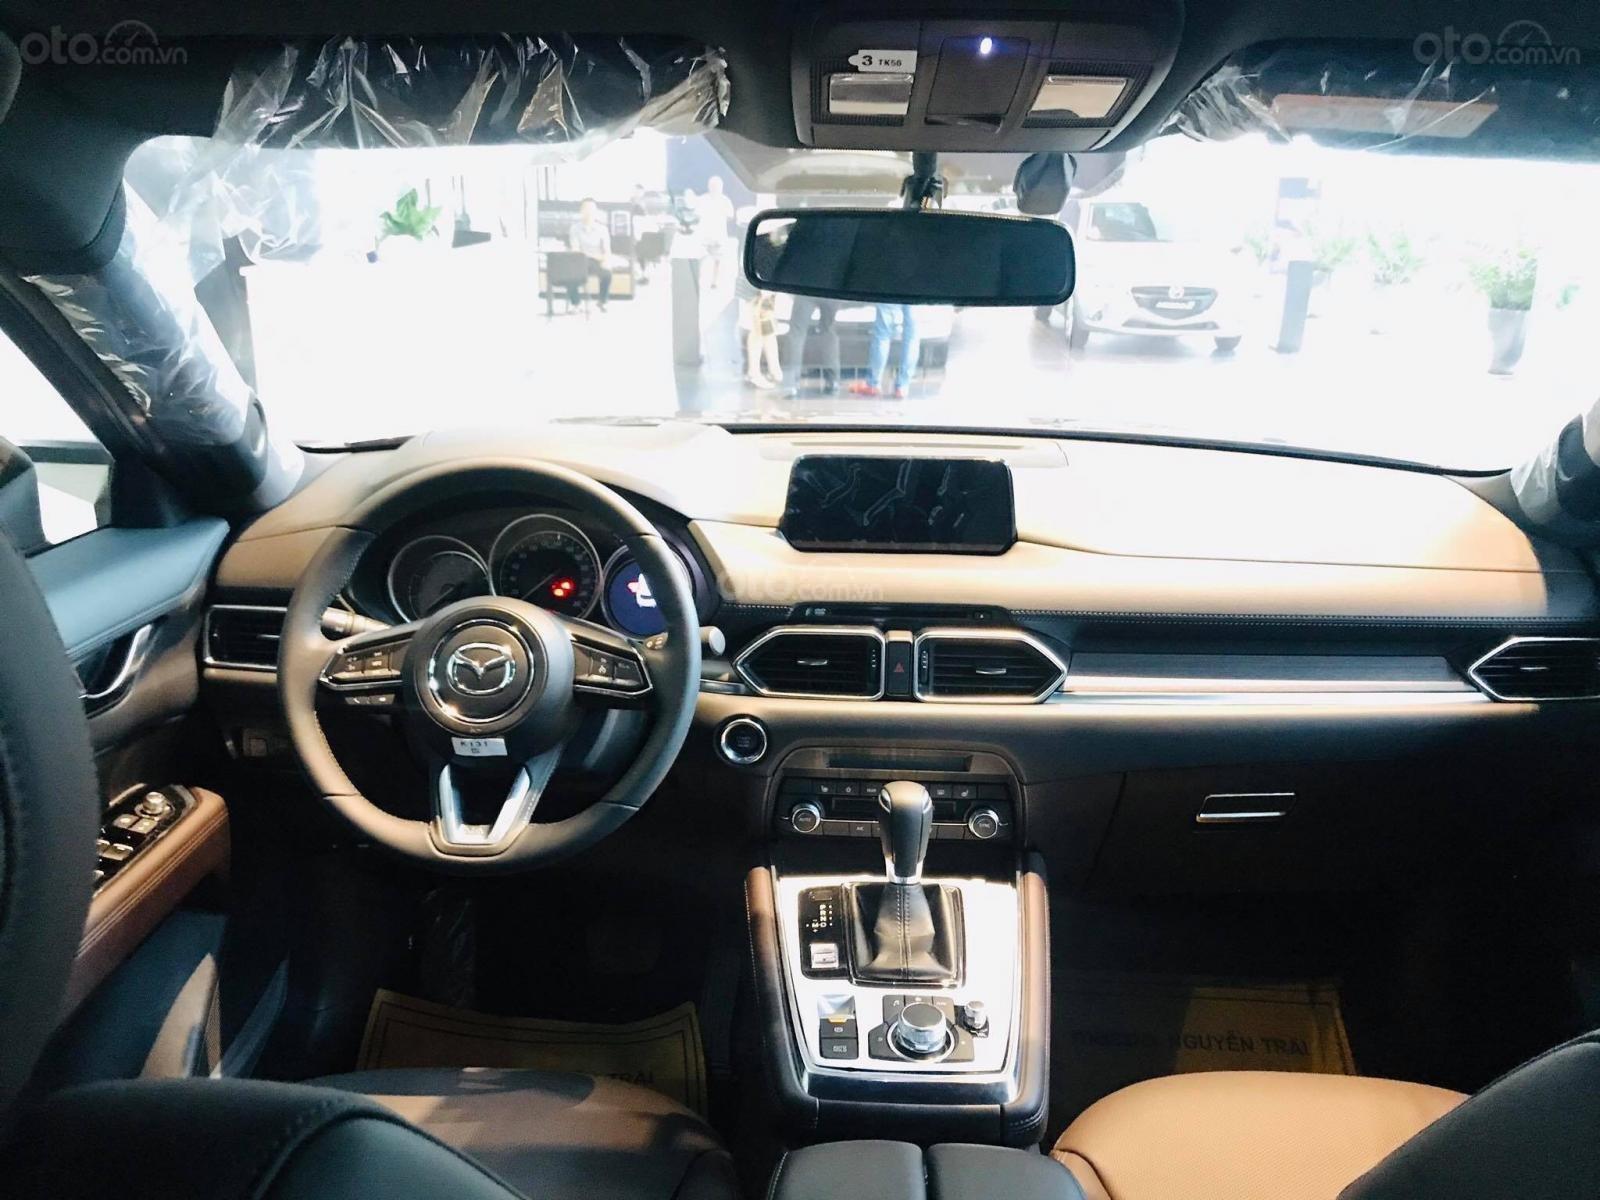 Cần bán nhanh chiếc xe Mazda CX-8 Premium AWD năm sản xuất 2019, màu trắng - Giao xe tận nhà miễn phí (5)